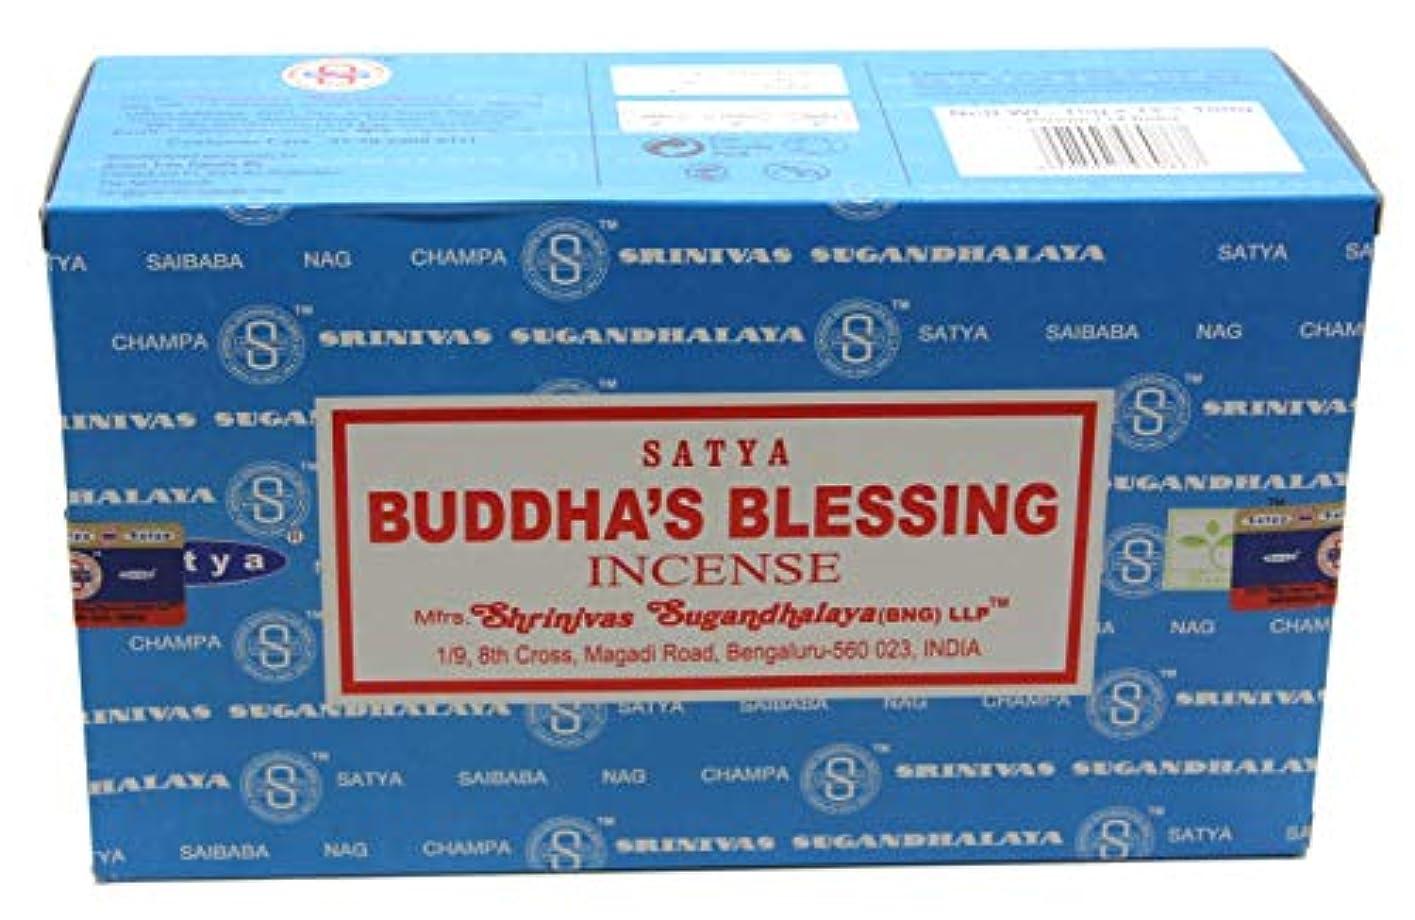 適度にファシズム仮装Satyaバンガロール(BNG) Buddha 's Blessings Incense Sticks 12ボックスX合計15 g180グラム